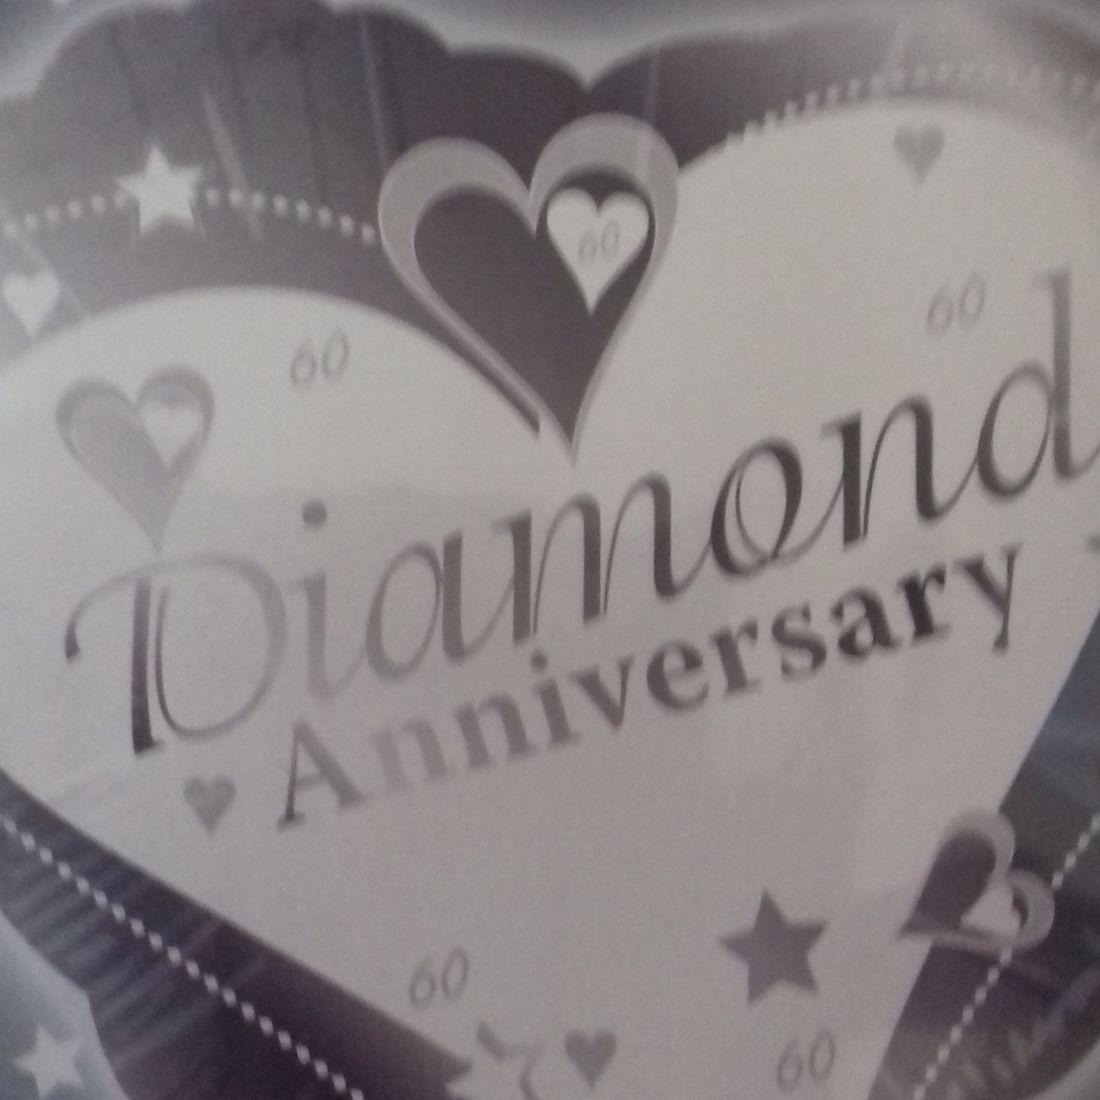 DIAMOND WEDDING ANNIVERSARY FOIL BALLOON